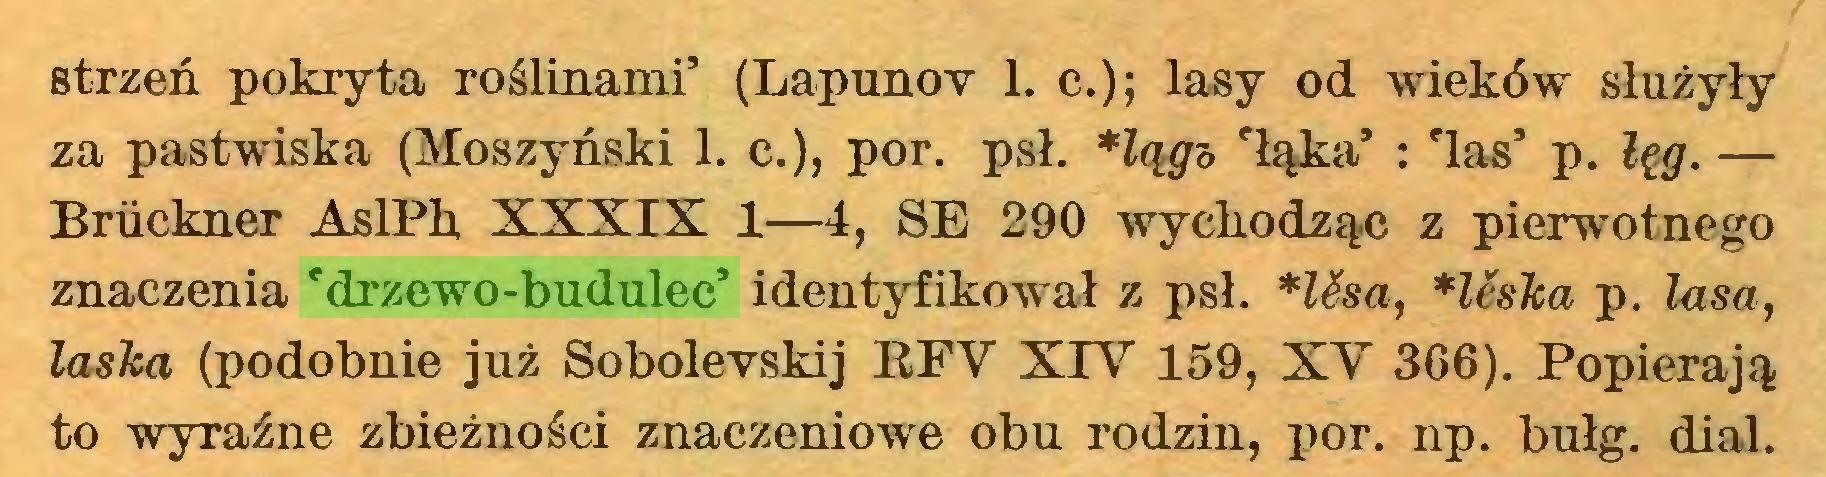 (...) strzeń pokryta roślinami' (Lapunov 1. c.); lasy od wieków służyły za pastwiska (Moszyński 1. c.), por. psł. *lągs 'łąka' : Tas' p. łęg. — Briickner AslPh XXXIX 1—4, SE 290 wychodząc z pierwotnego znaczenia 'drzewo-budulec' identyfikował z psł. *Usa, *léska p. lasa, łasica (podobnie już Sobolevskij RFY XIY 159, XY 366). Popierają to wyraźne zbieżności znaczeniowe obu rodzin, por. np. bułg. dial...